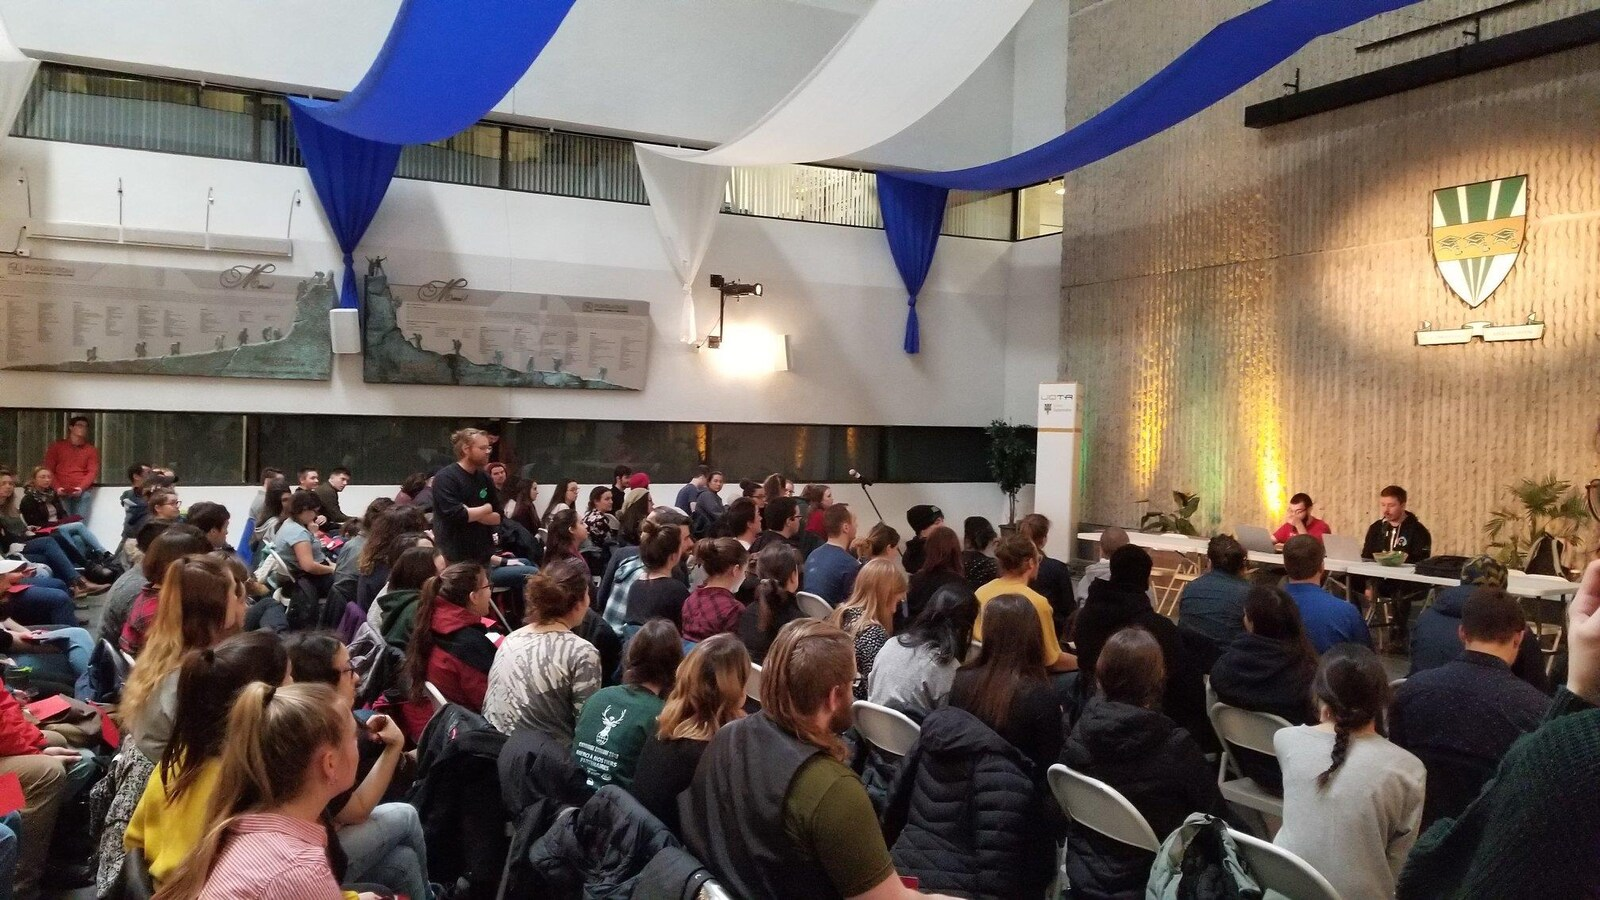 Étudiants réunis dans une salle avec le logo de l'UQTR